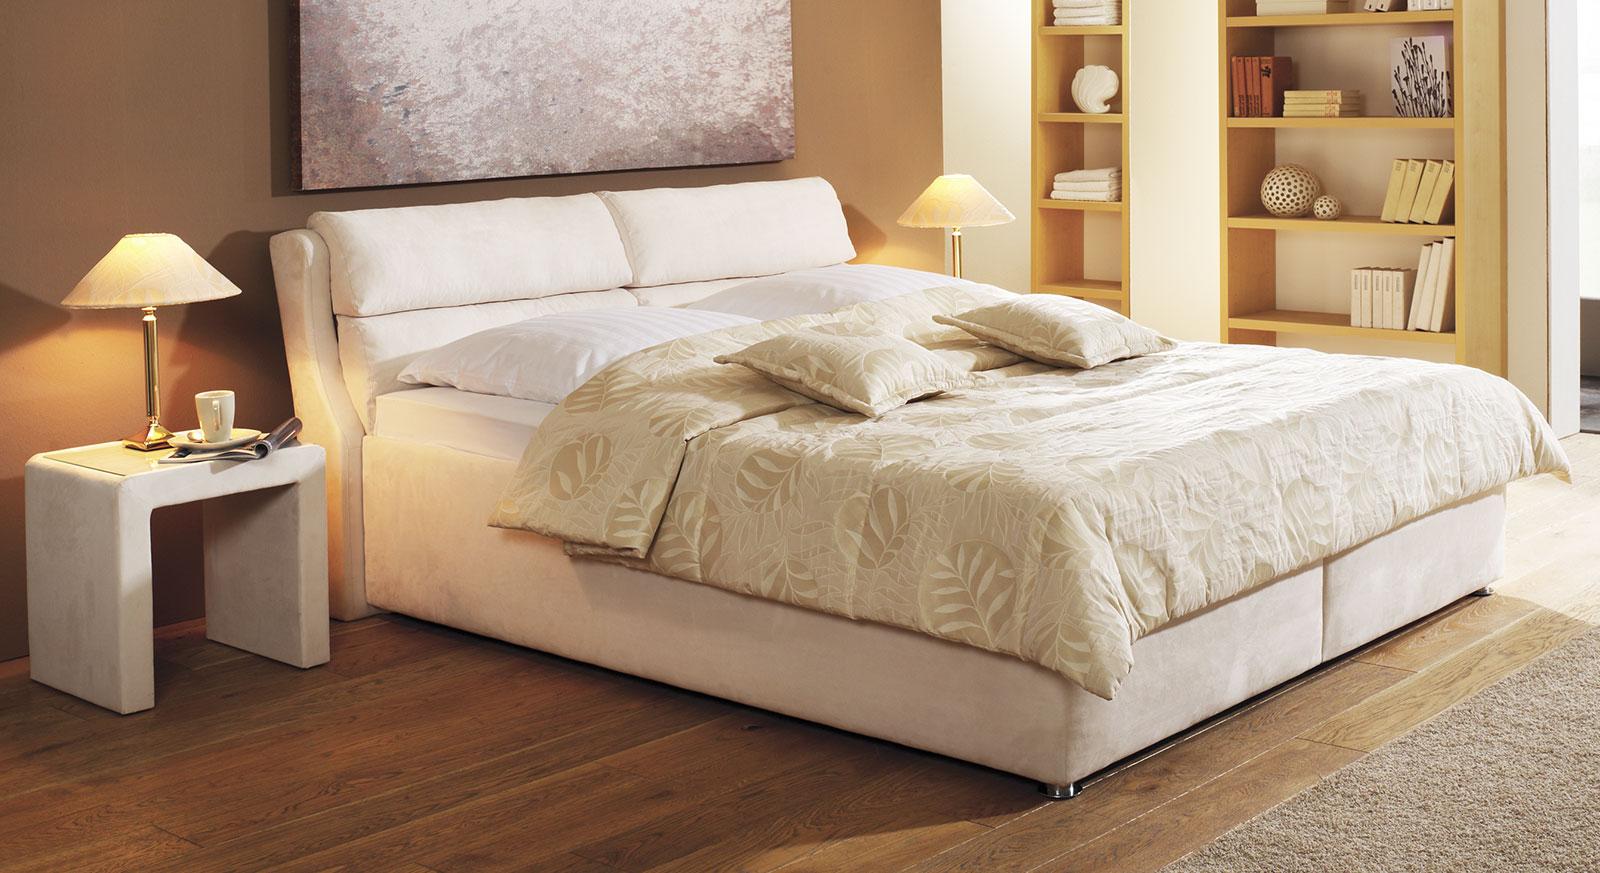 einzelbetten mit rollen seniorengerechtes bett dabola mit optionalem. Black Bedroom Furniture Sets. Home Design Ideas